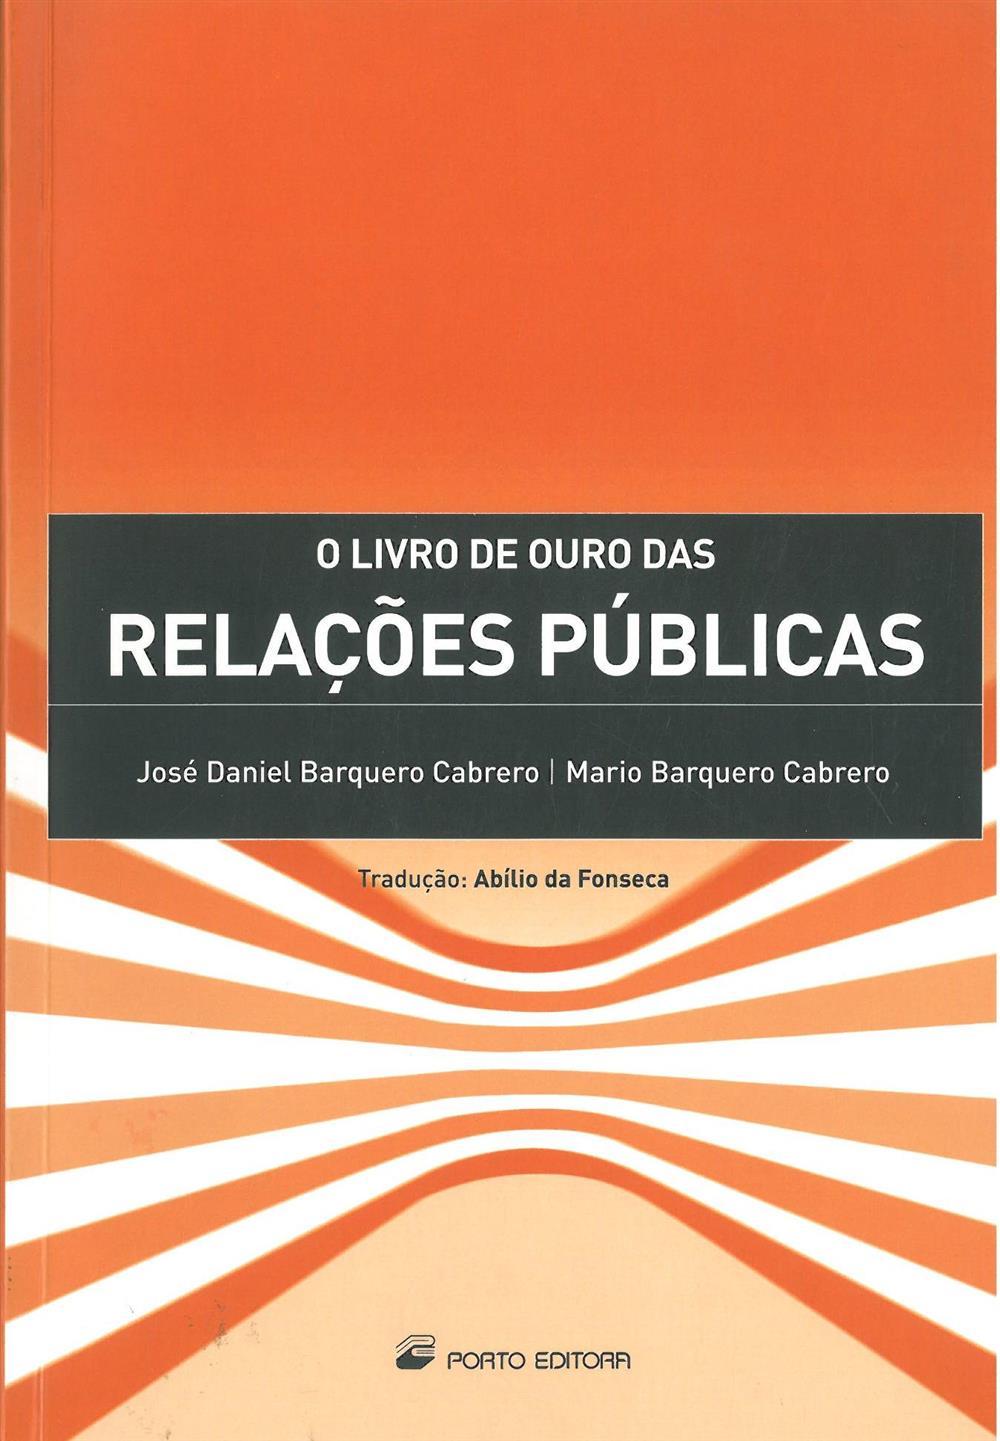 O livro de ouro das relações públicas.jpg